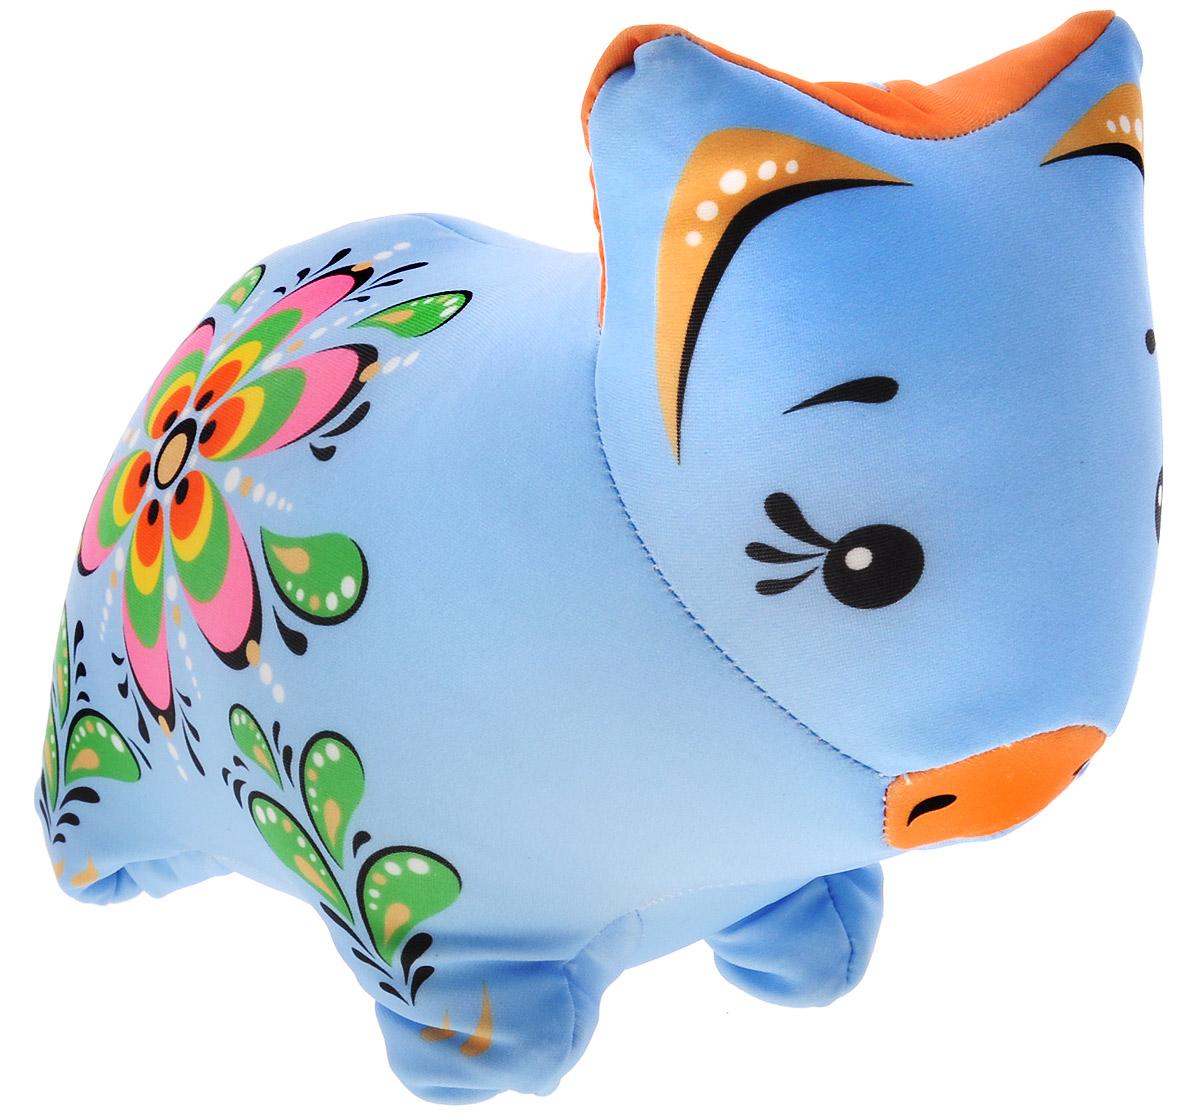 Maxi Toys Мягкая игрушка Свинка Городецкий стиль 20 см цвет голубой maxi toys мягкая игрушка антистресс